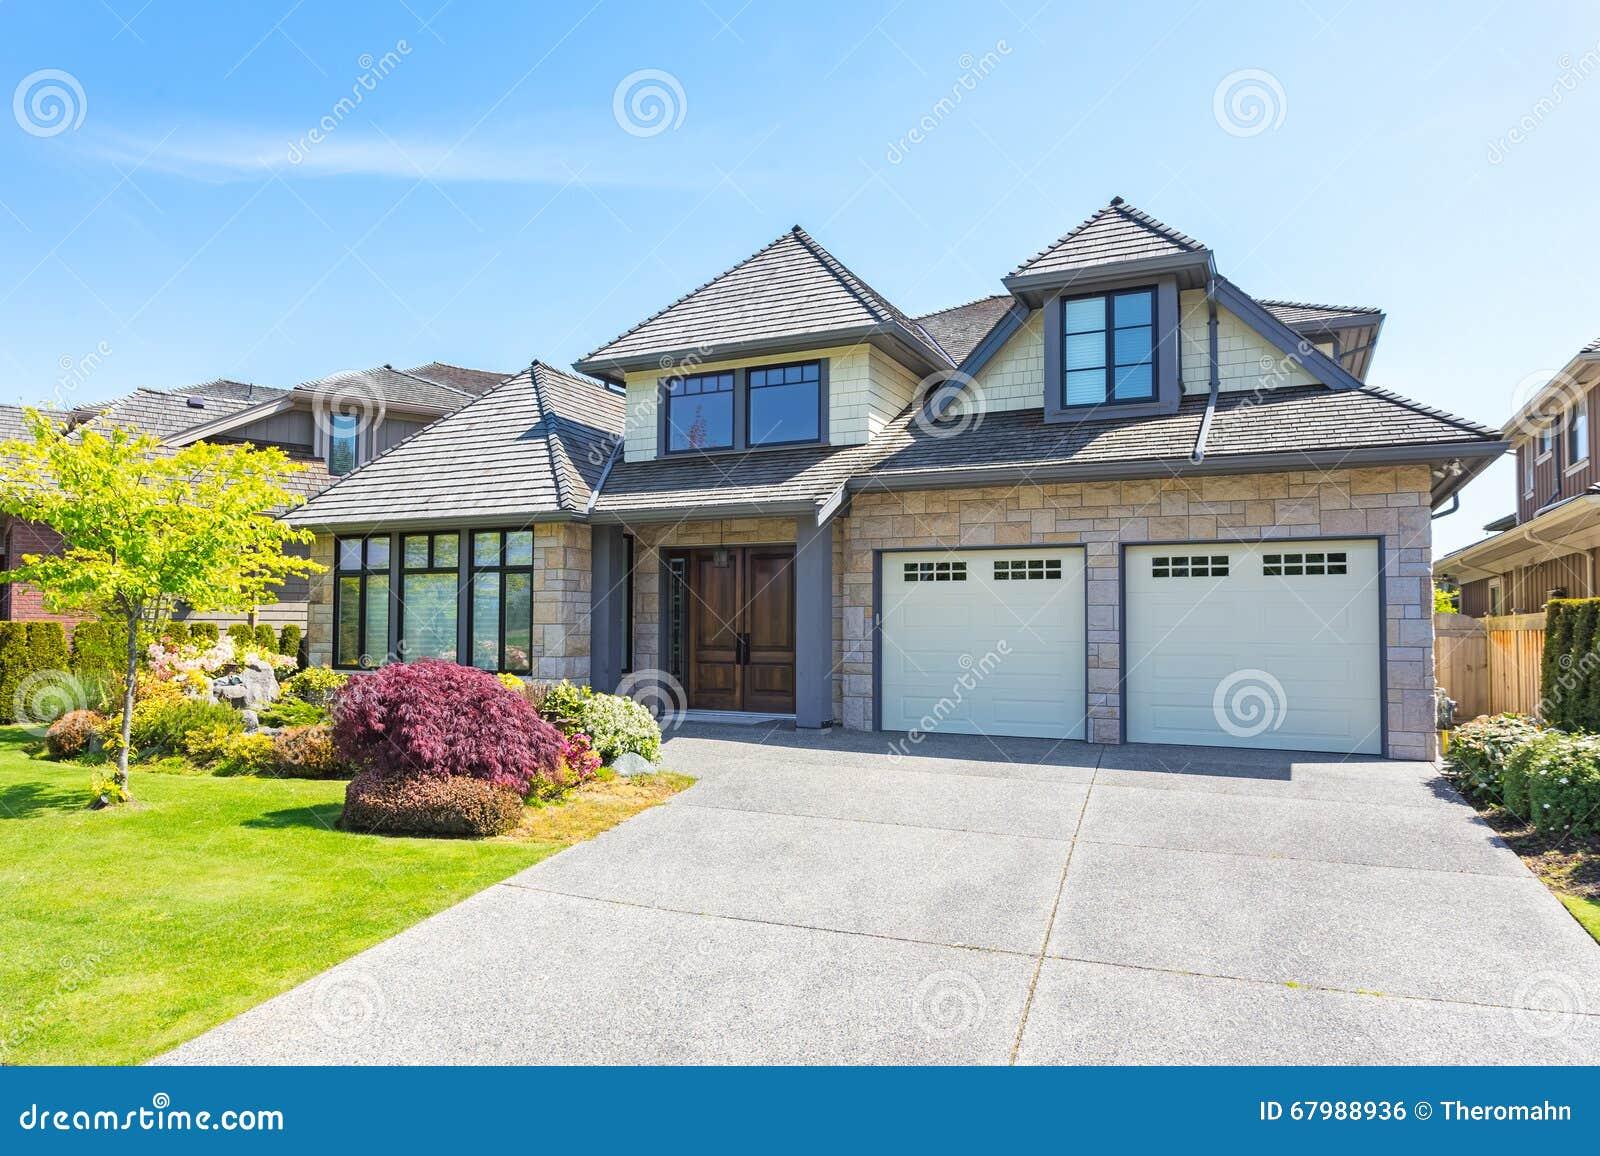 Custom Built House Stock Photo 67986846